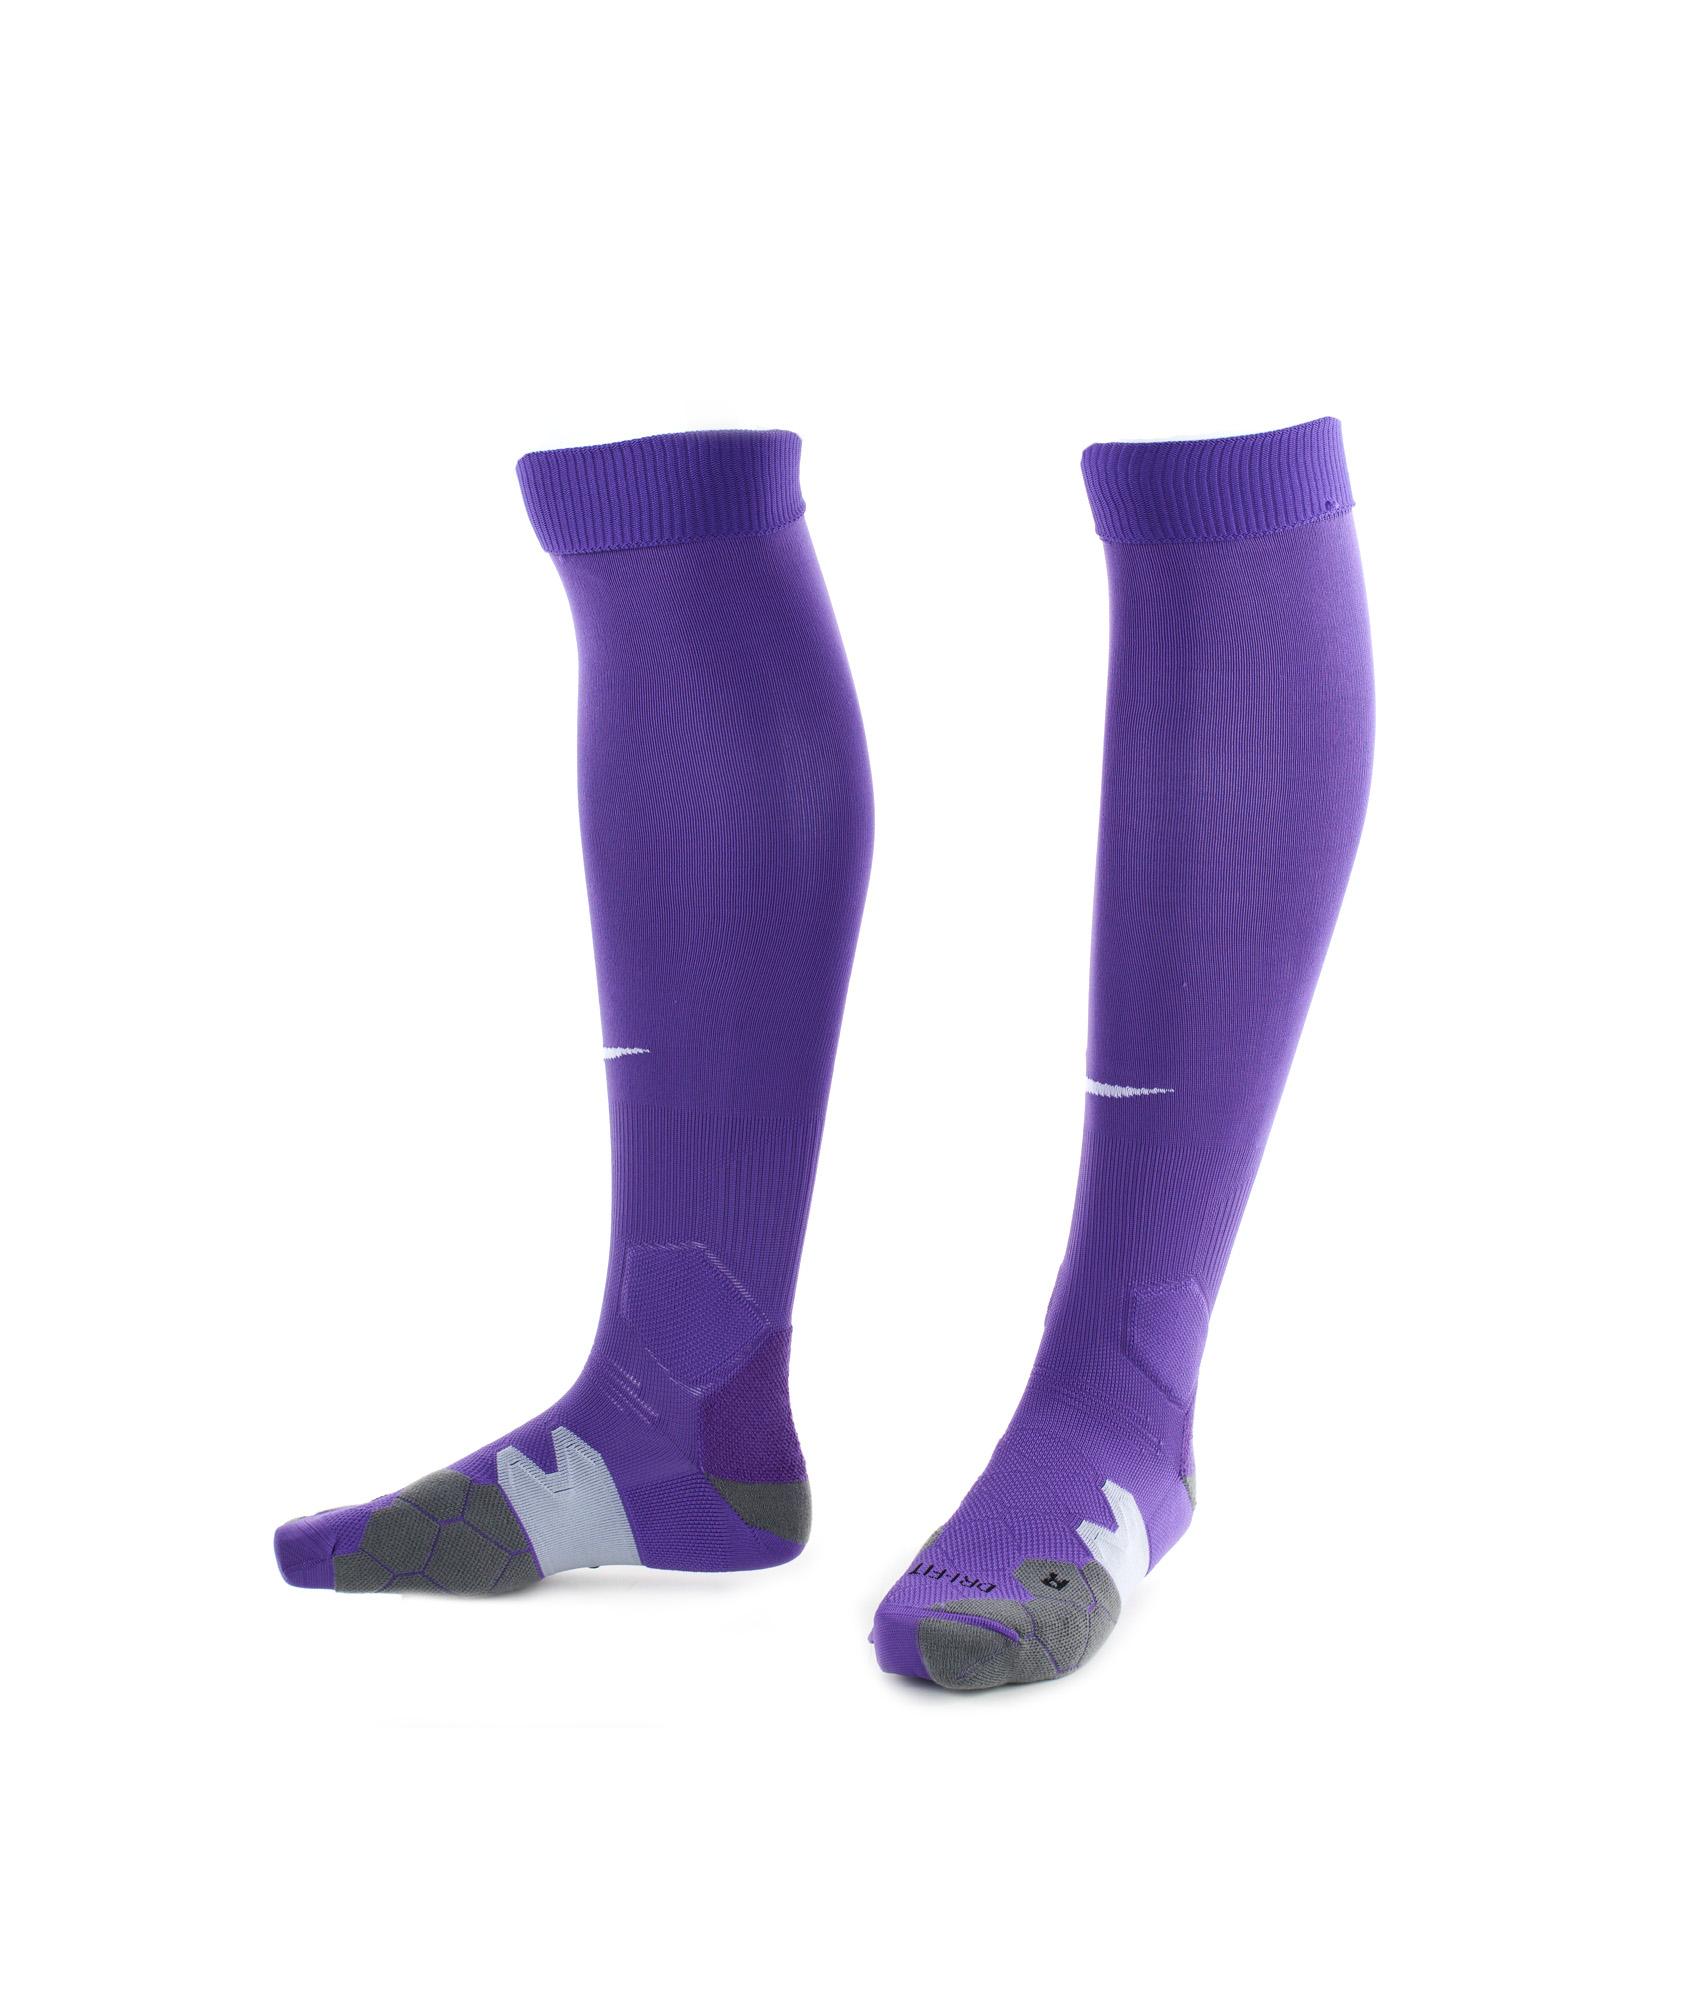 Гетры вратарские, Цвет-Фиолетовый, Размер-M